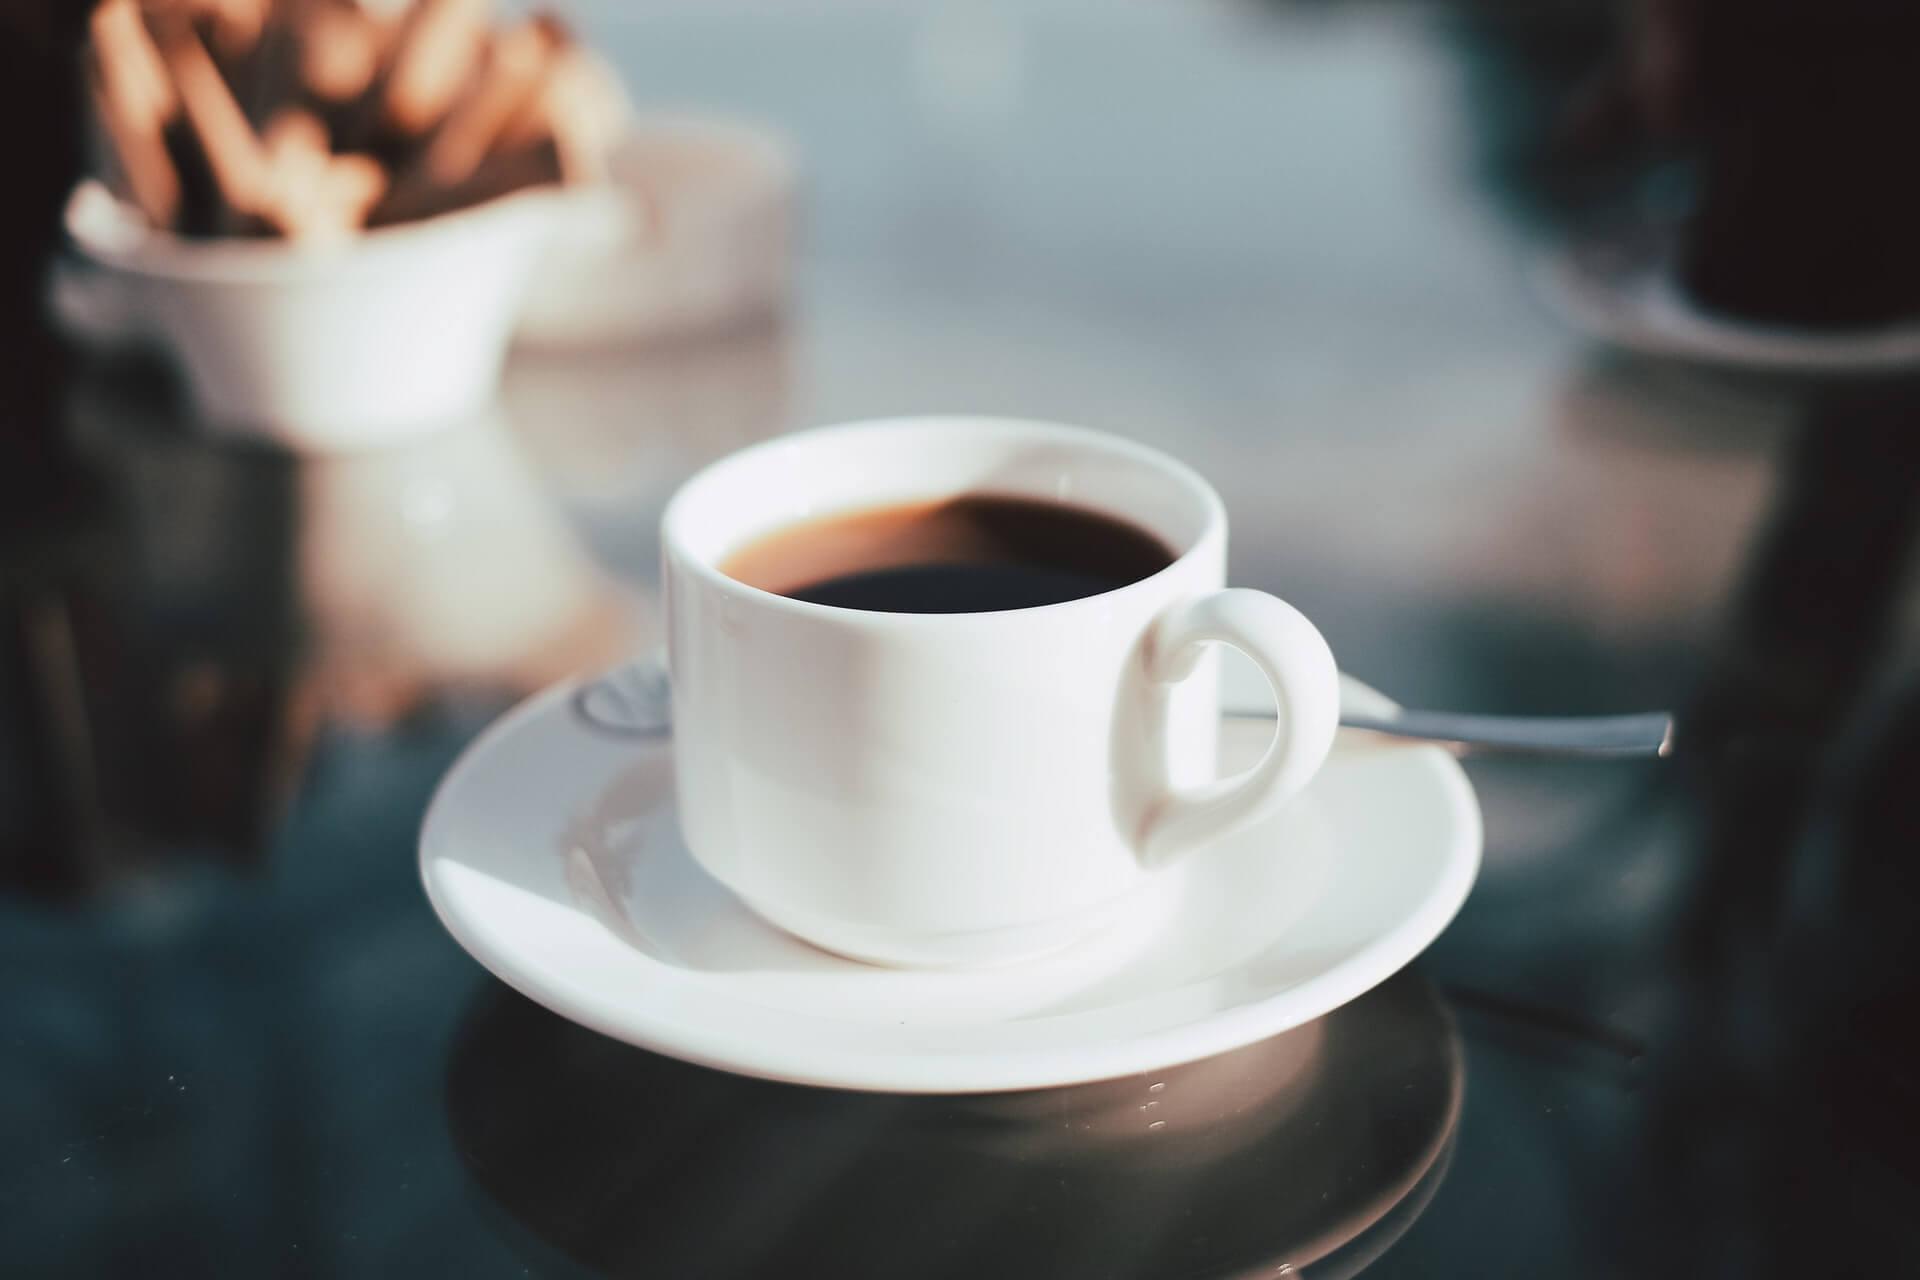 コーヒーのおすすめ商品はこれ!豆の産地や焙煎度で風味は千差万別